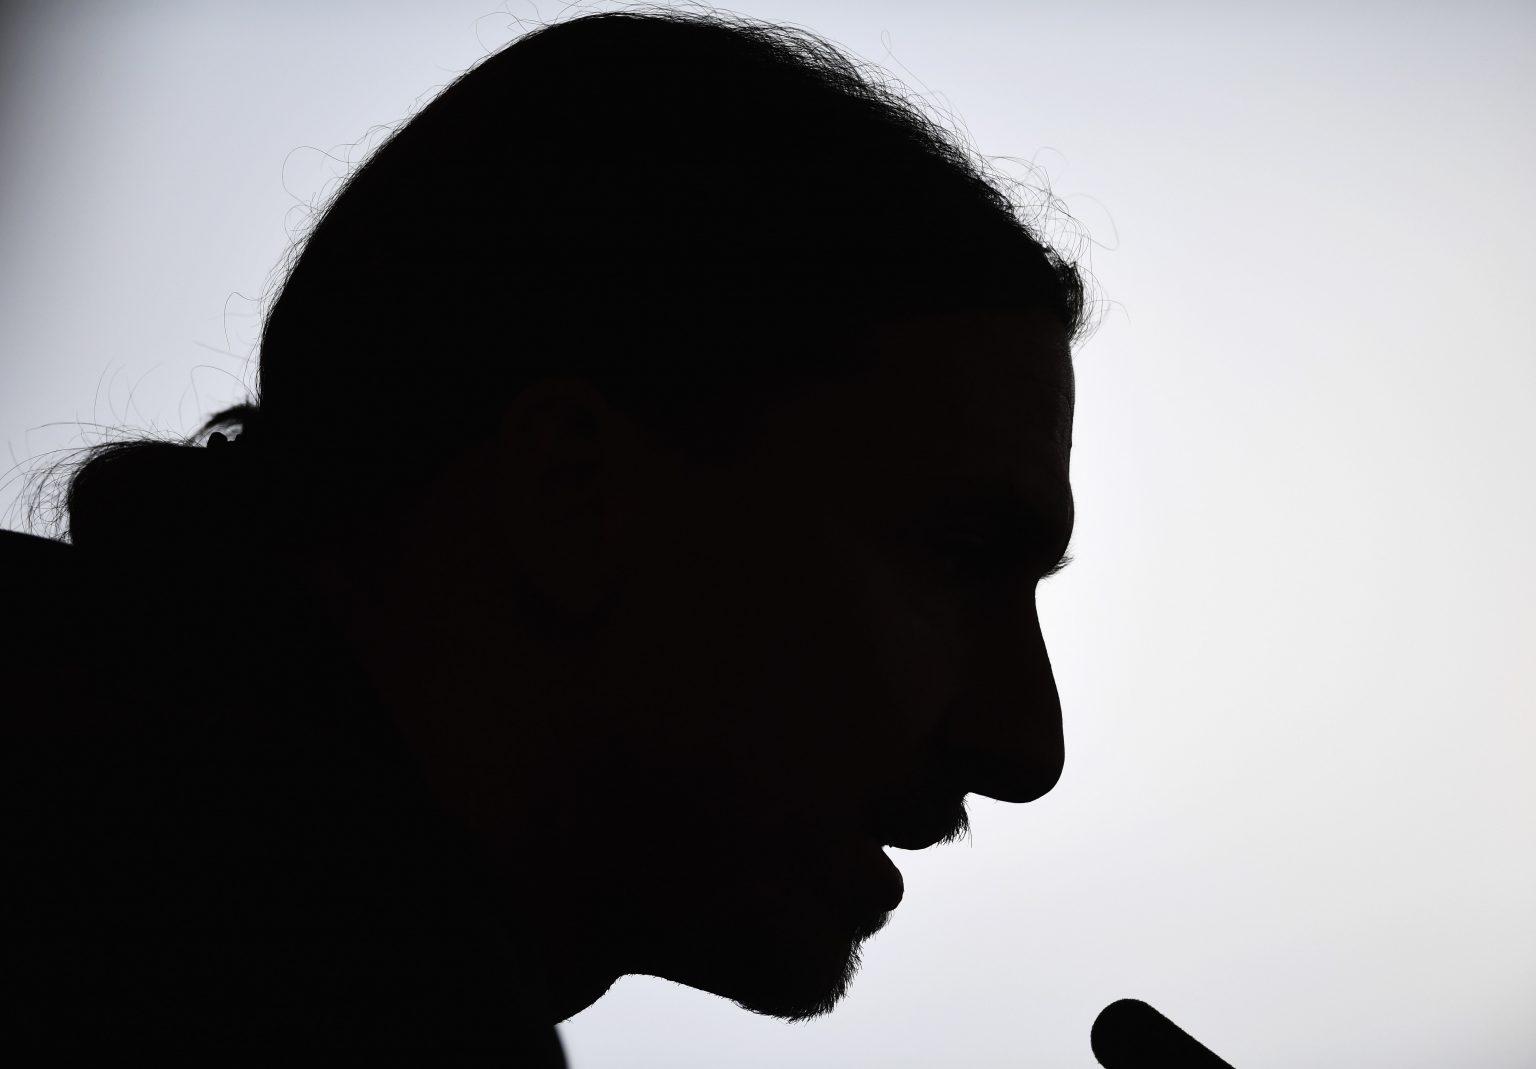 伊布:希望姆巴佩继续保持渴望和激情,取得更大的成就